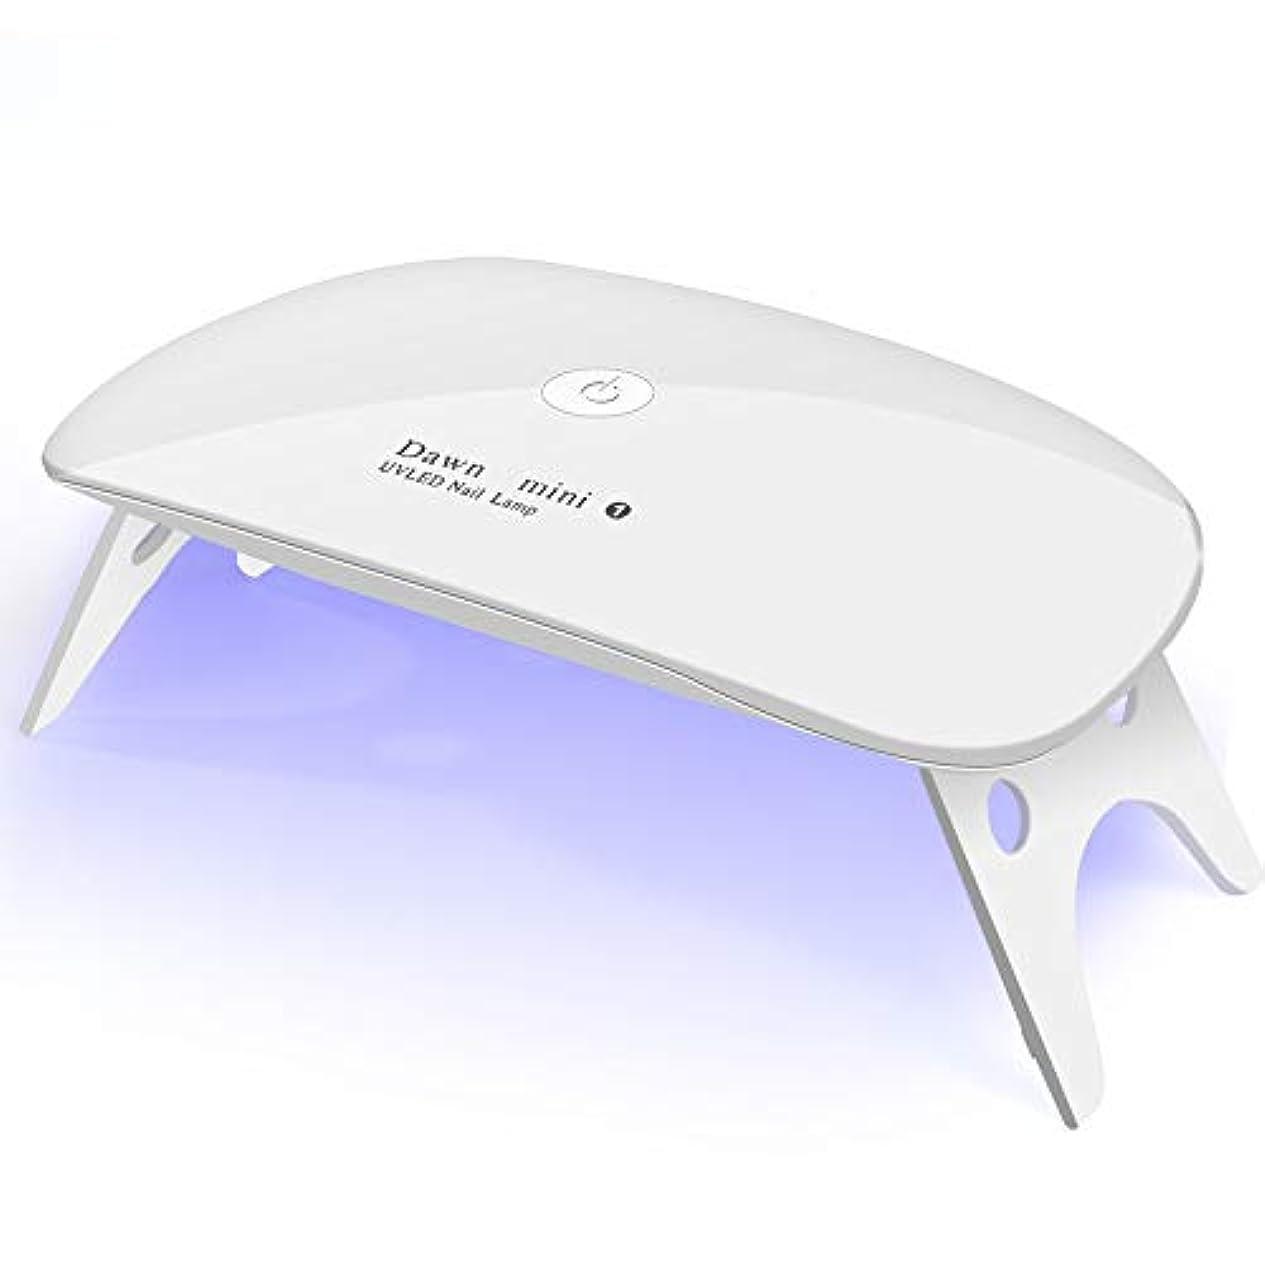 南東ワイプ不愉快にUVライト LEDネイルドライヤー ジェルネイルLEDライト 硬化ライト タイマー設定可能 折りたたみ式手足とも使える 人感センサー式 UV と LEDダブルライト ジェルネイル用 (ホワイト )